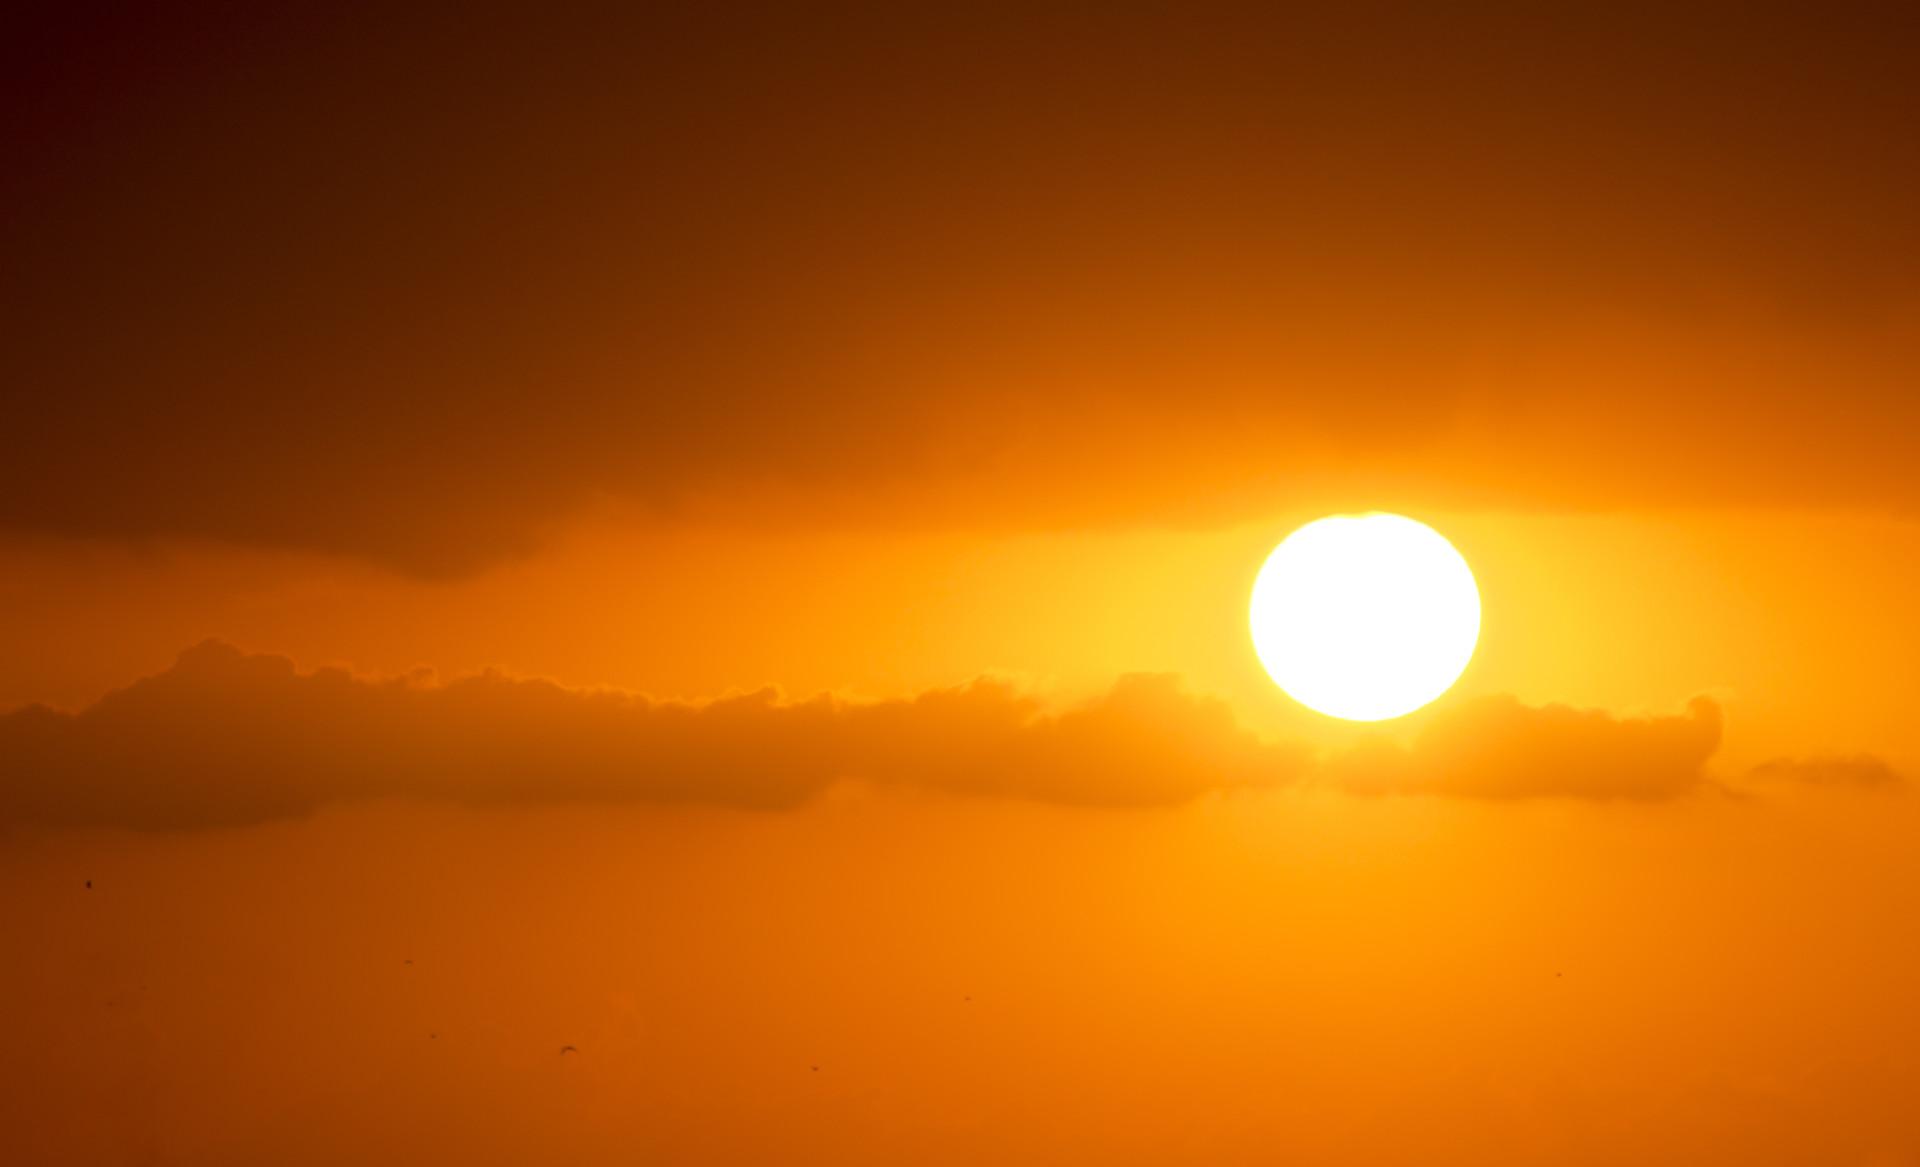 Descubra o que deve fazer para prevenir e tratar as queimaduras solares